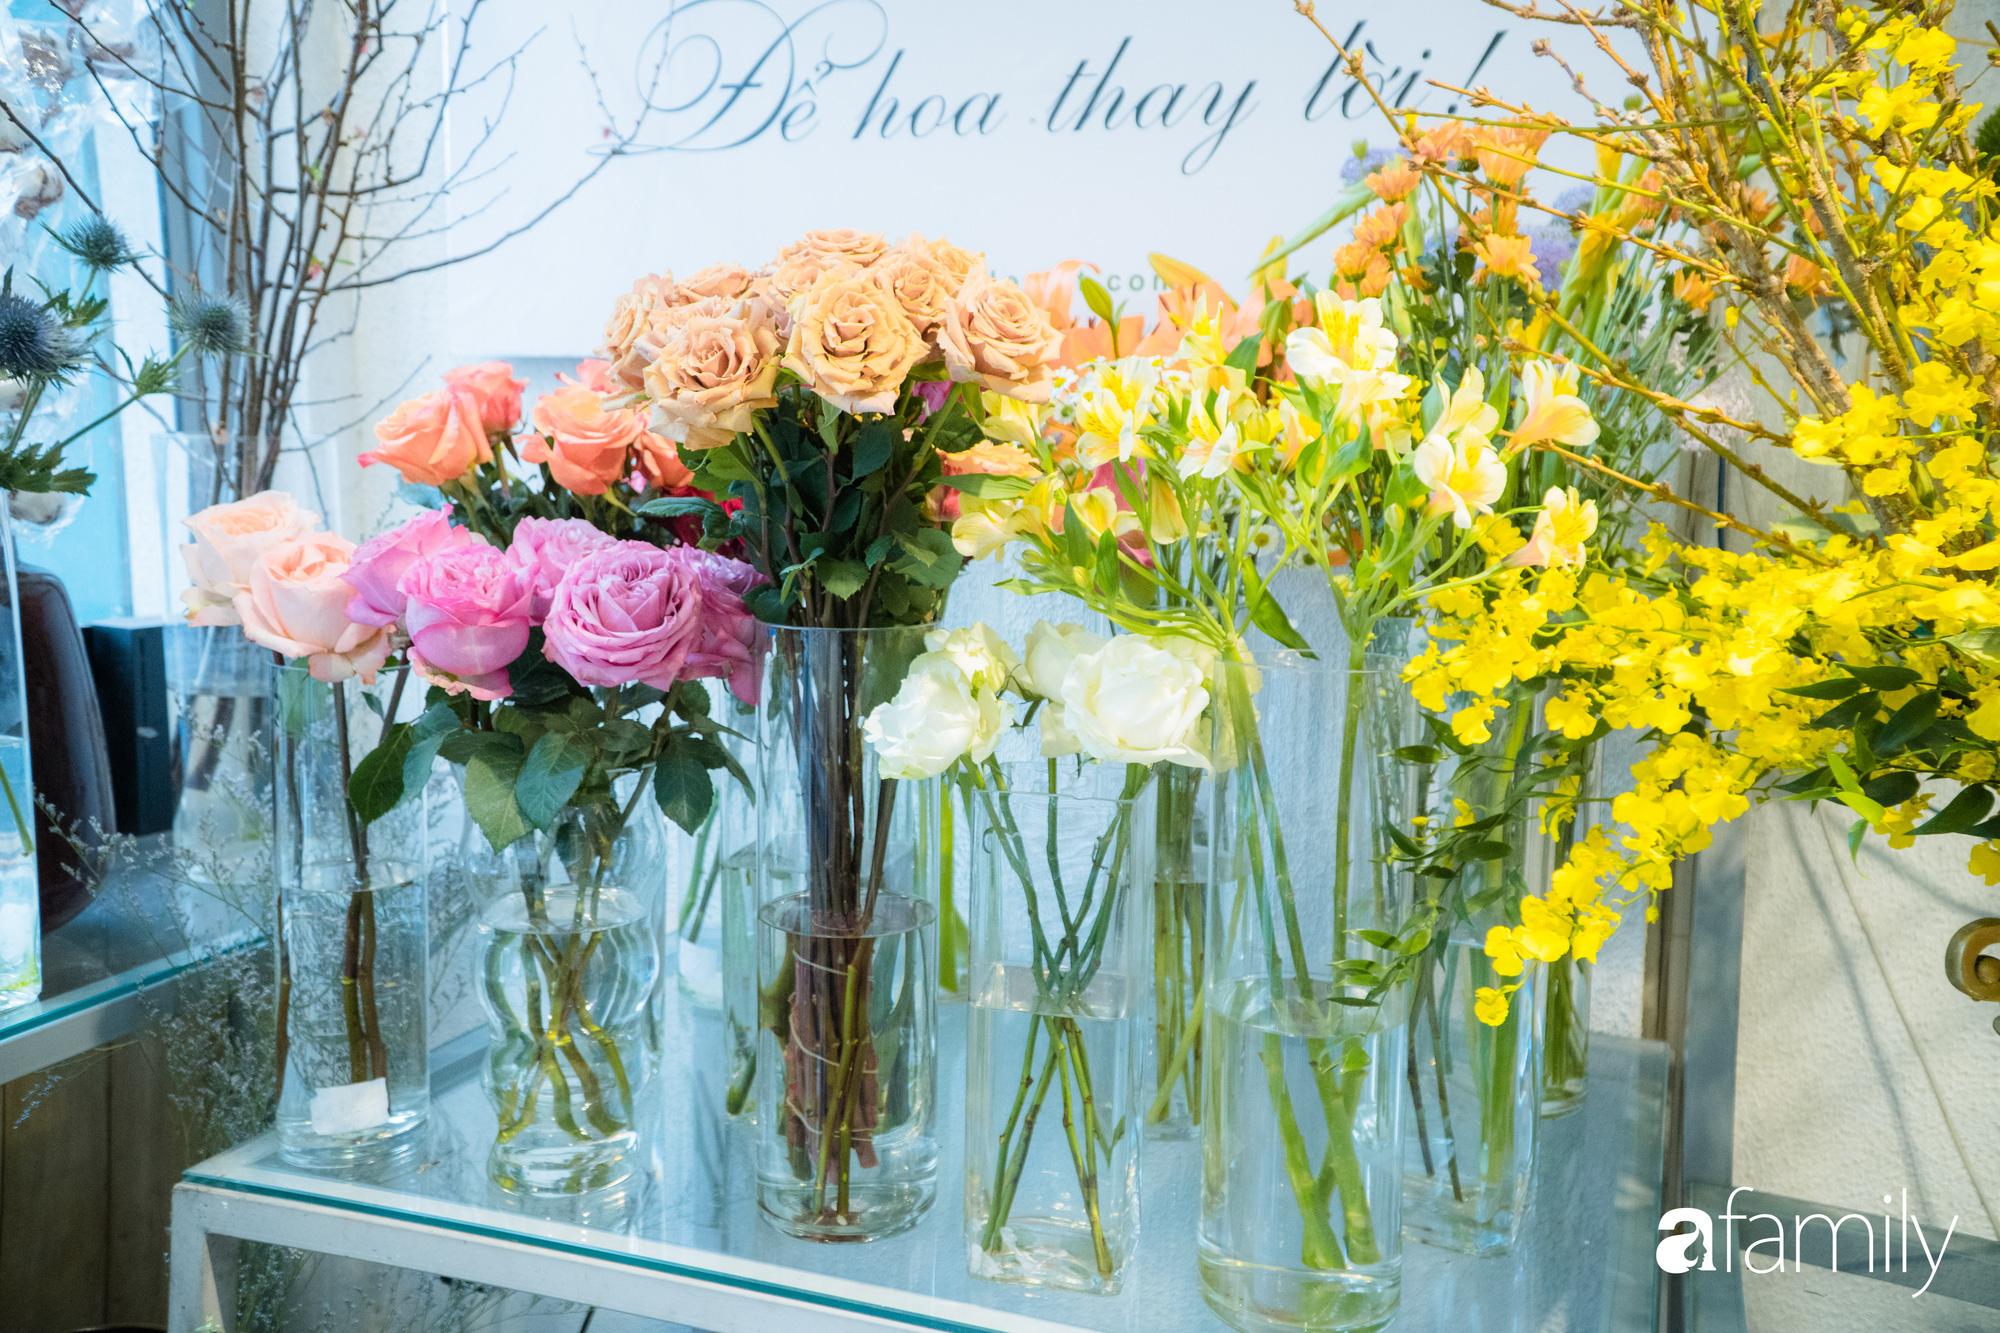 """Ngắm những loài hoa nhập khẩu đẹp lạ """"sang chảnh"""" để hiểu tại sao các đại gia Hà thành sẵn sàng chi 50 triệu sắm hoa đẹp chơi Tết - Ảnh 4."""